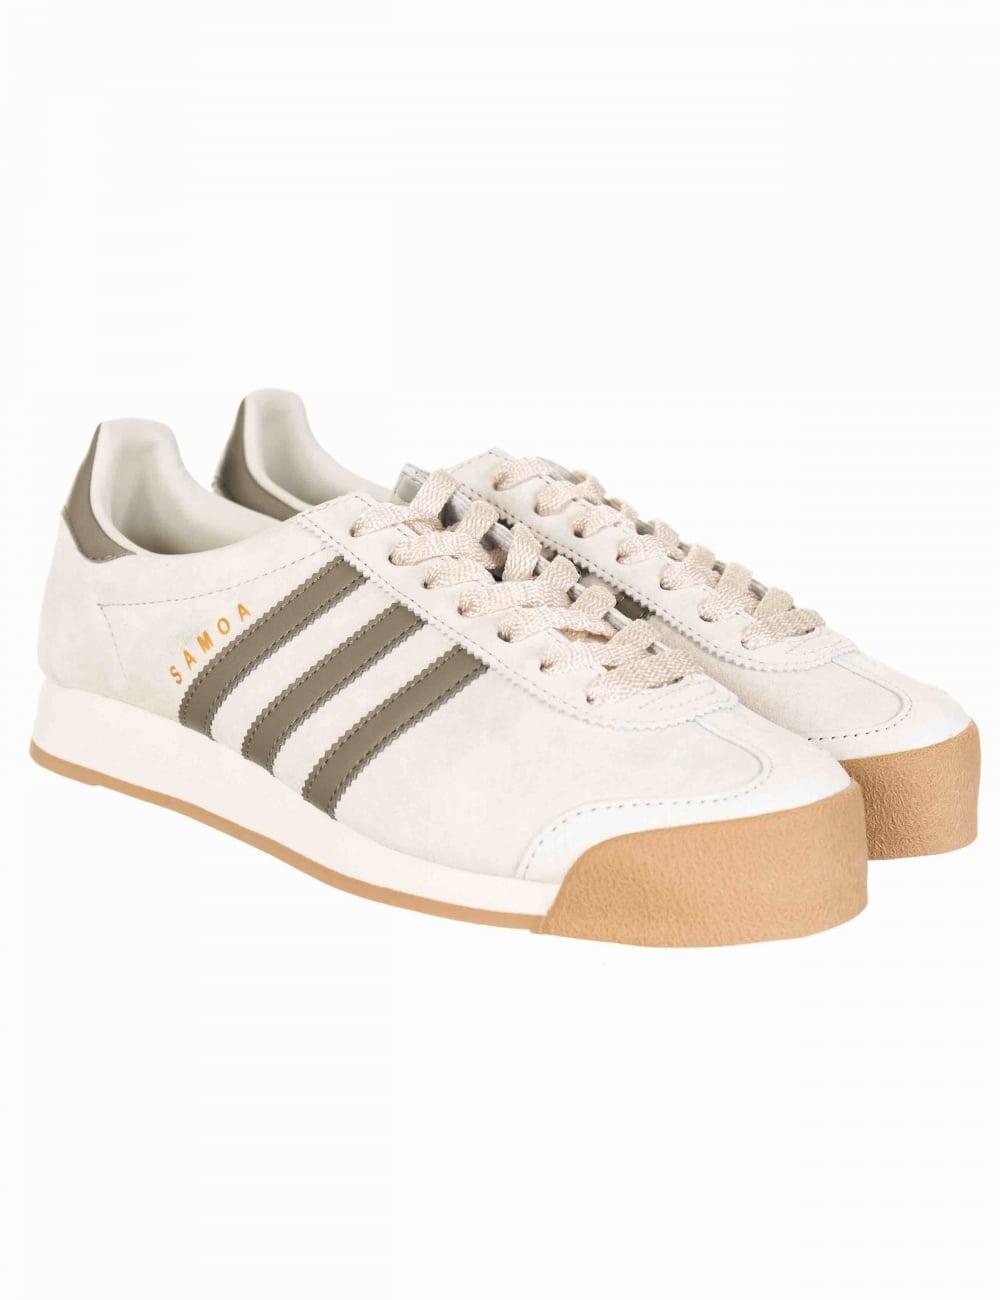 adidas samoa vintage trainers